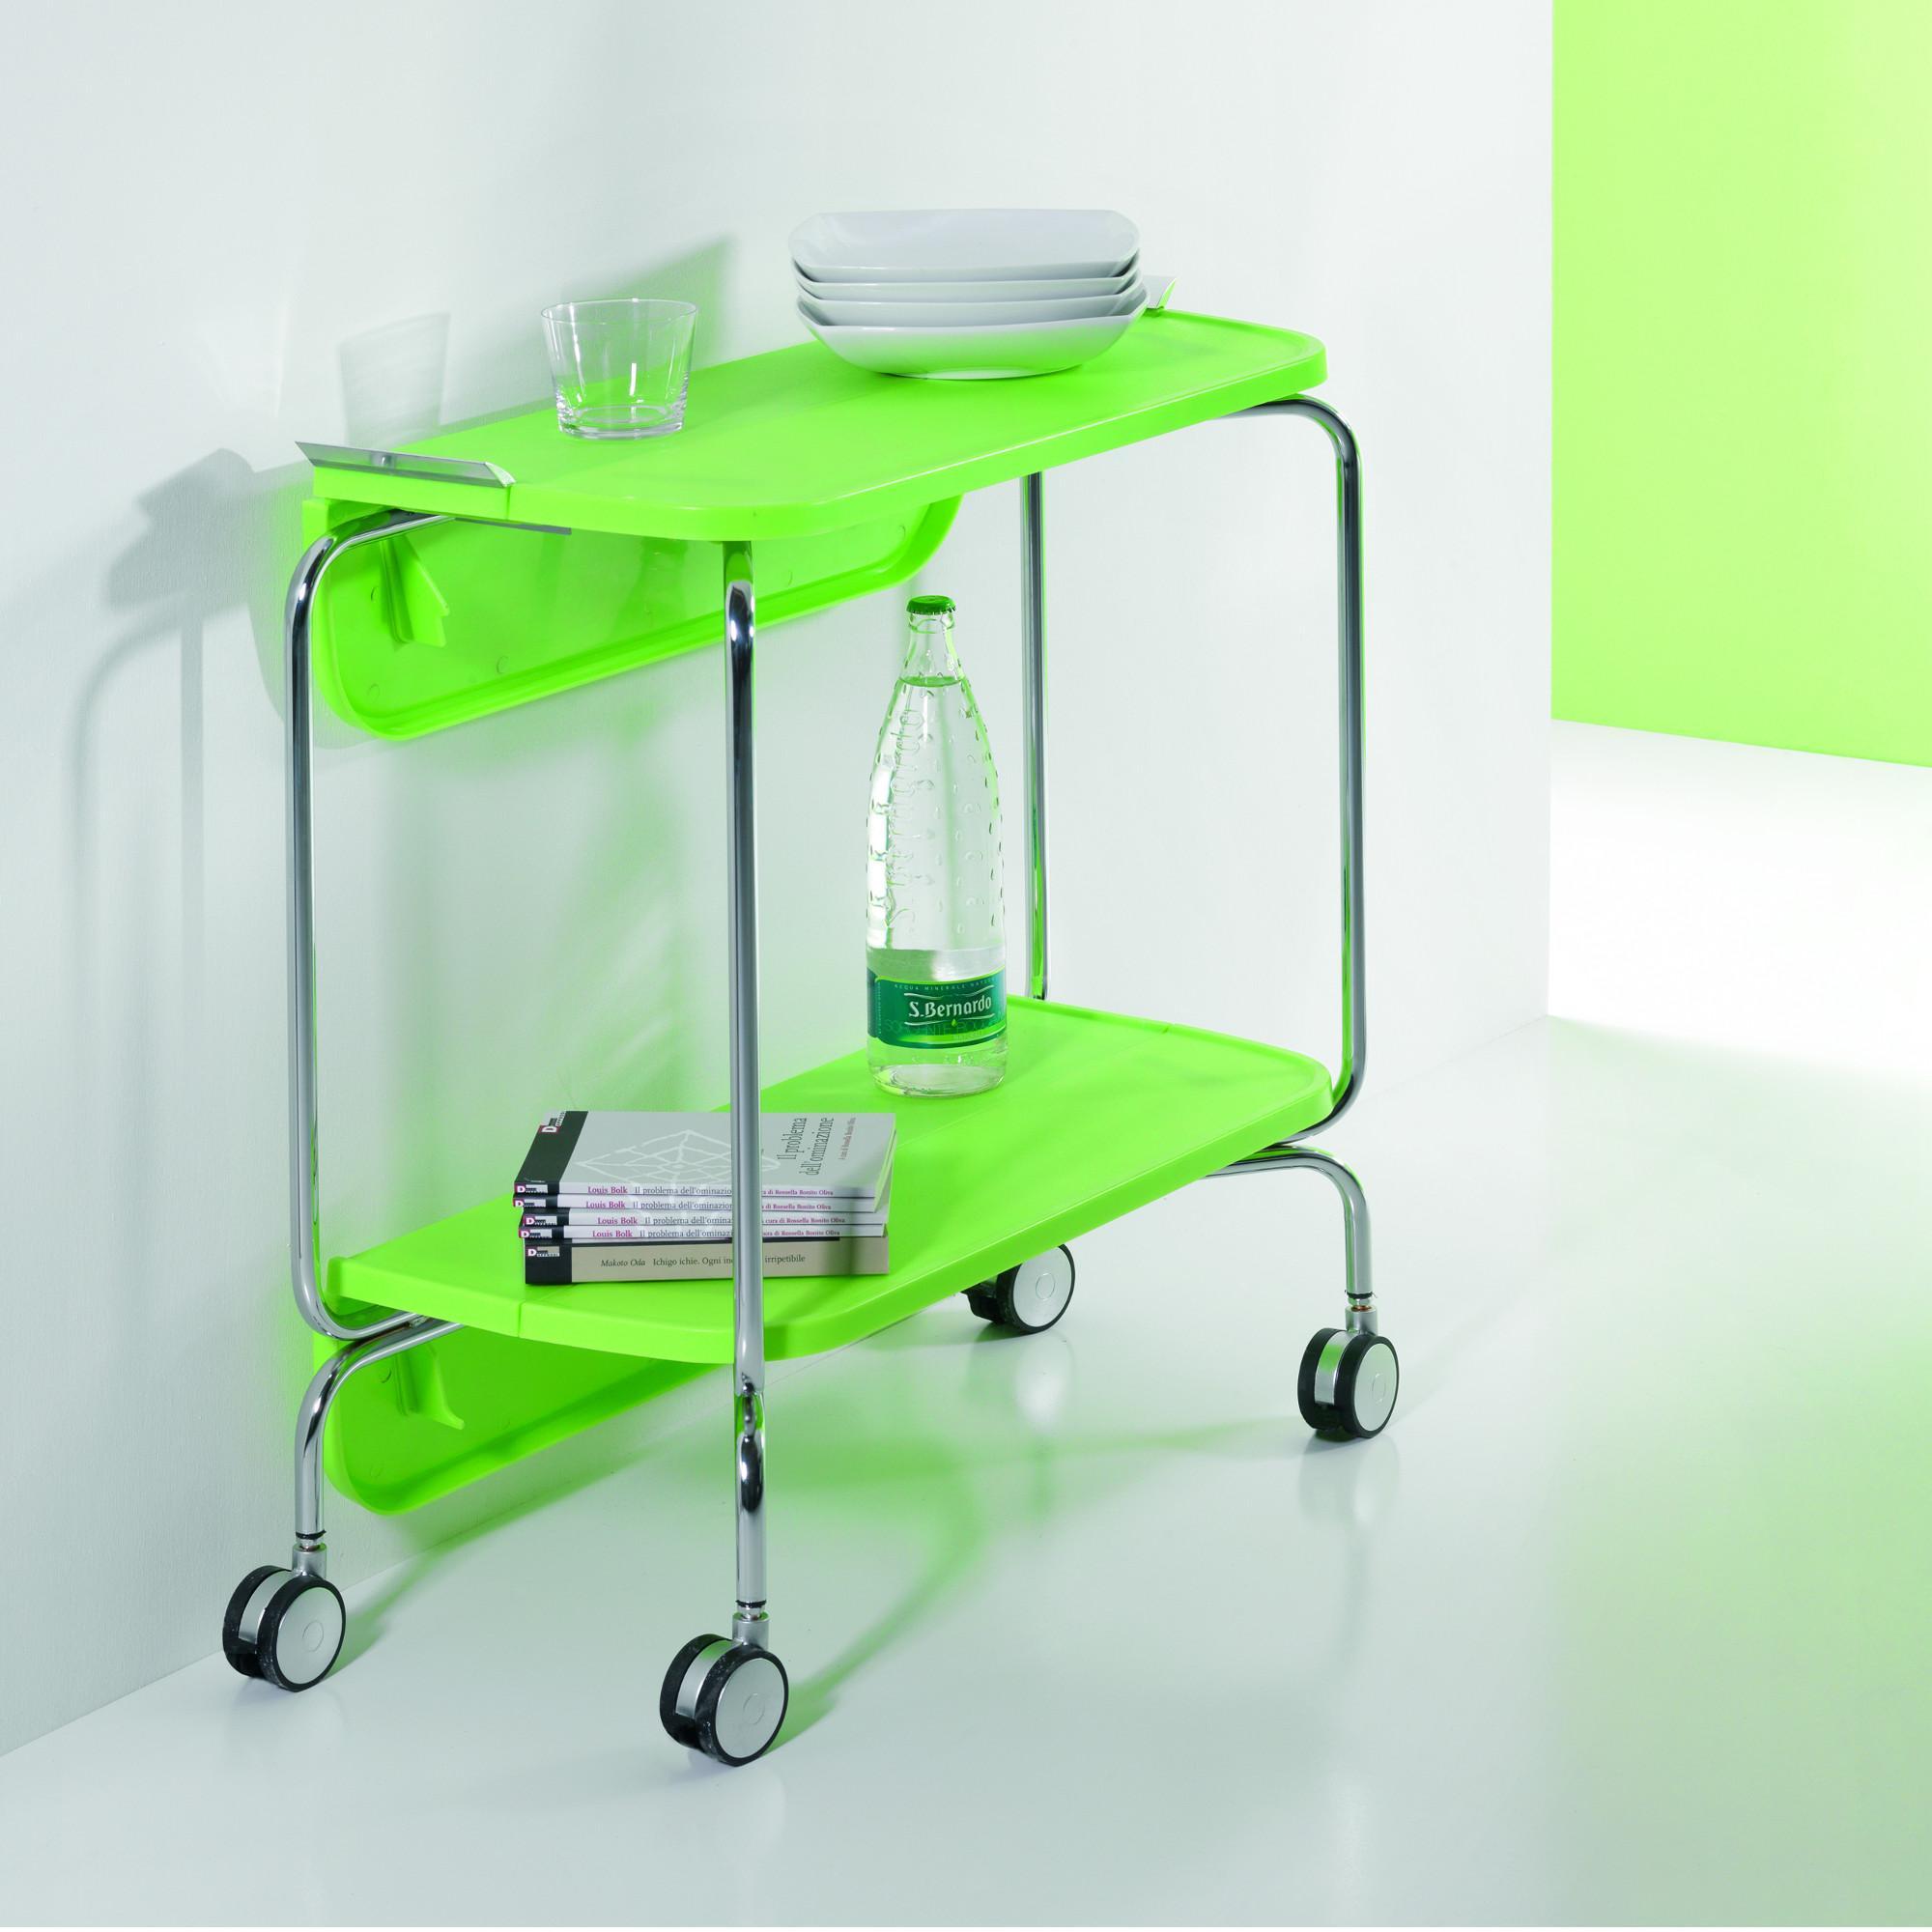 Carrello portavivande richiudibile in abs richiudibile a meta o completamente smart colore verde for Accessori giardino ikea